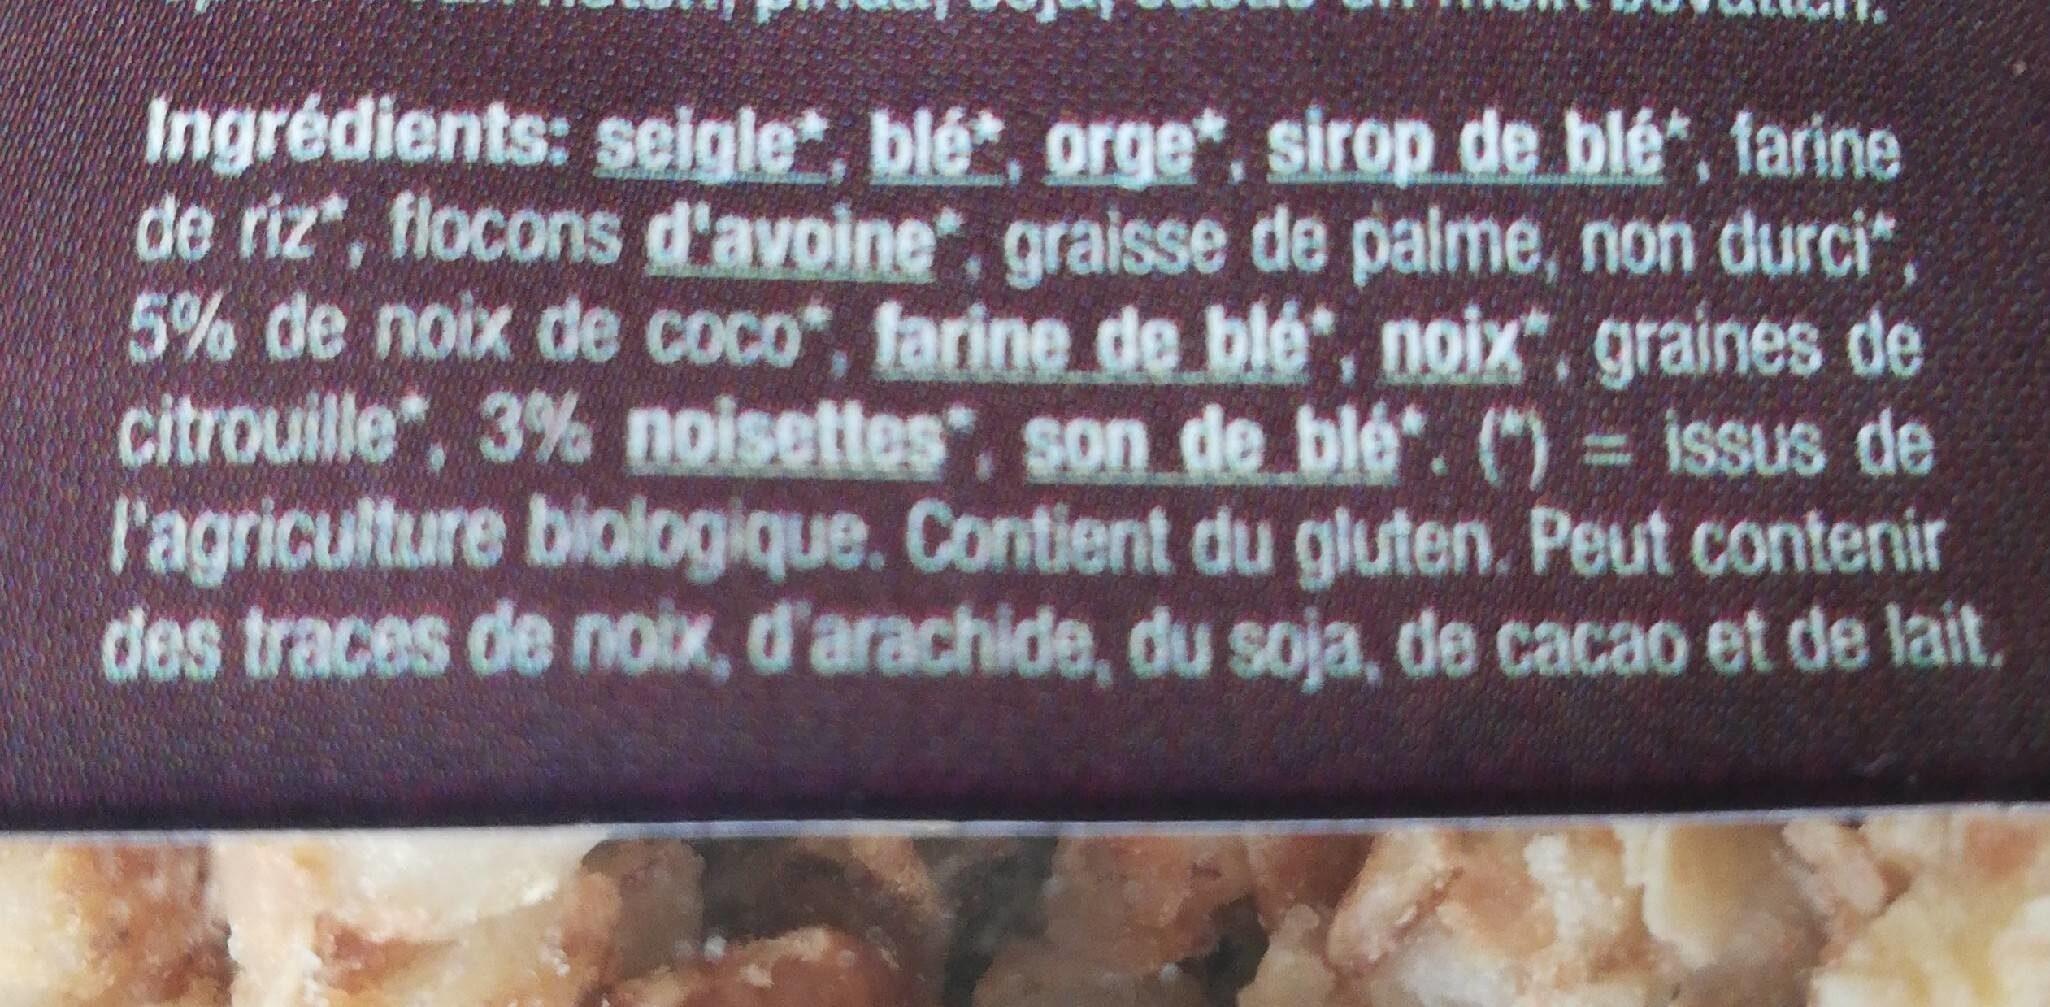 Granola noix de coco et noisettes - Nutrition facts